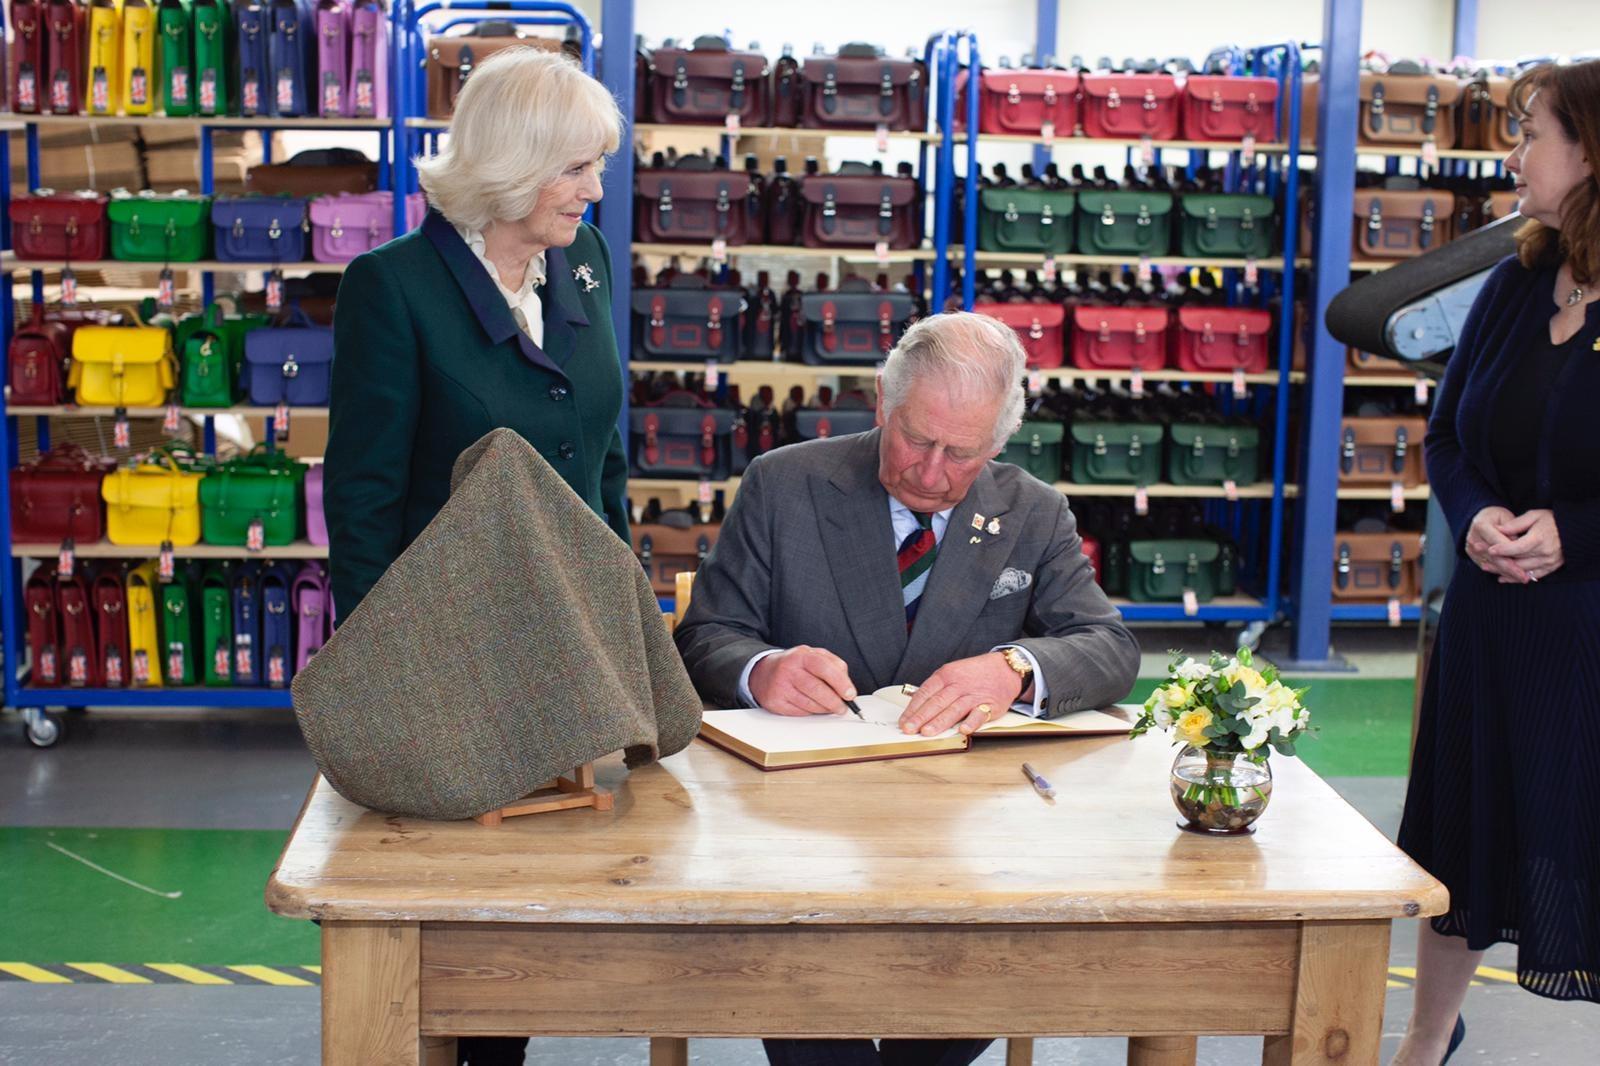 查尔斯王子参观剑桥包工厂,推出皇室特别系列支持慈善事业